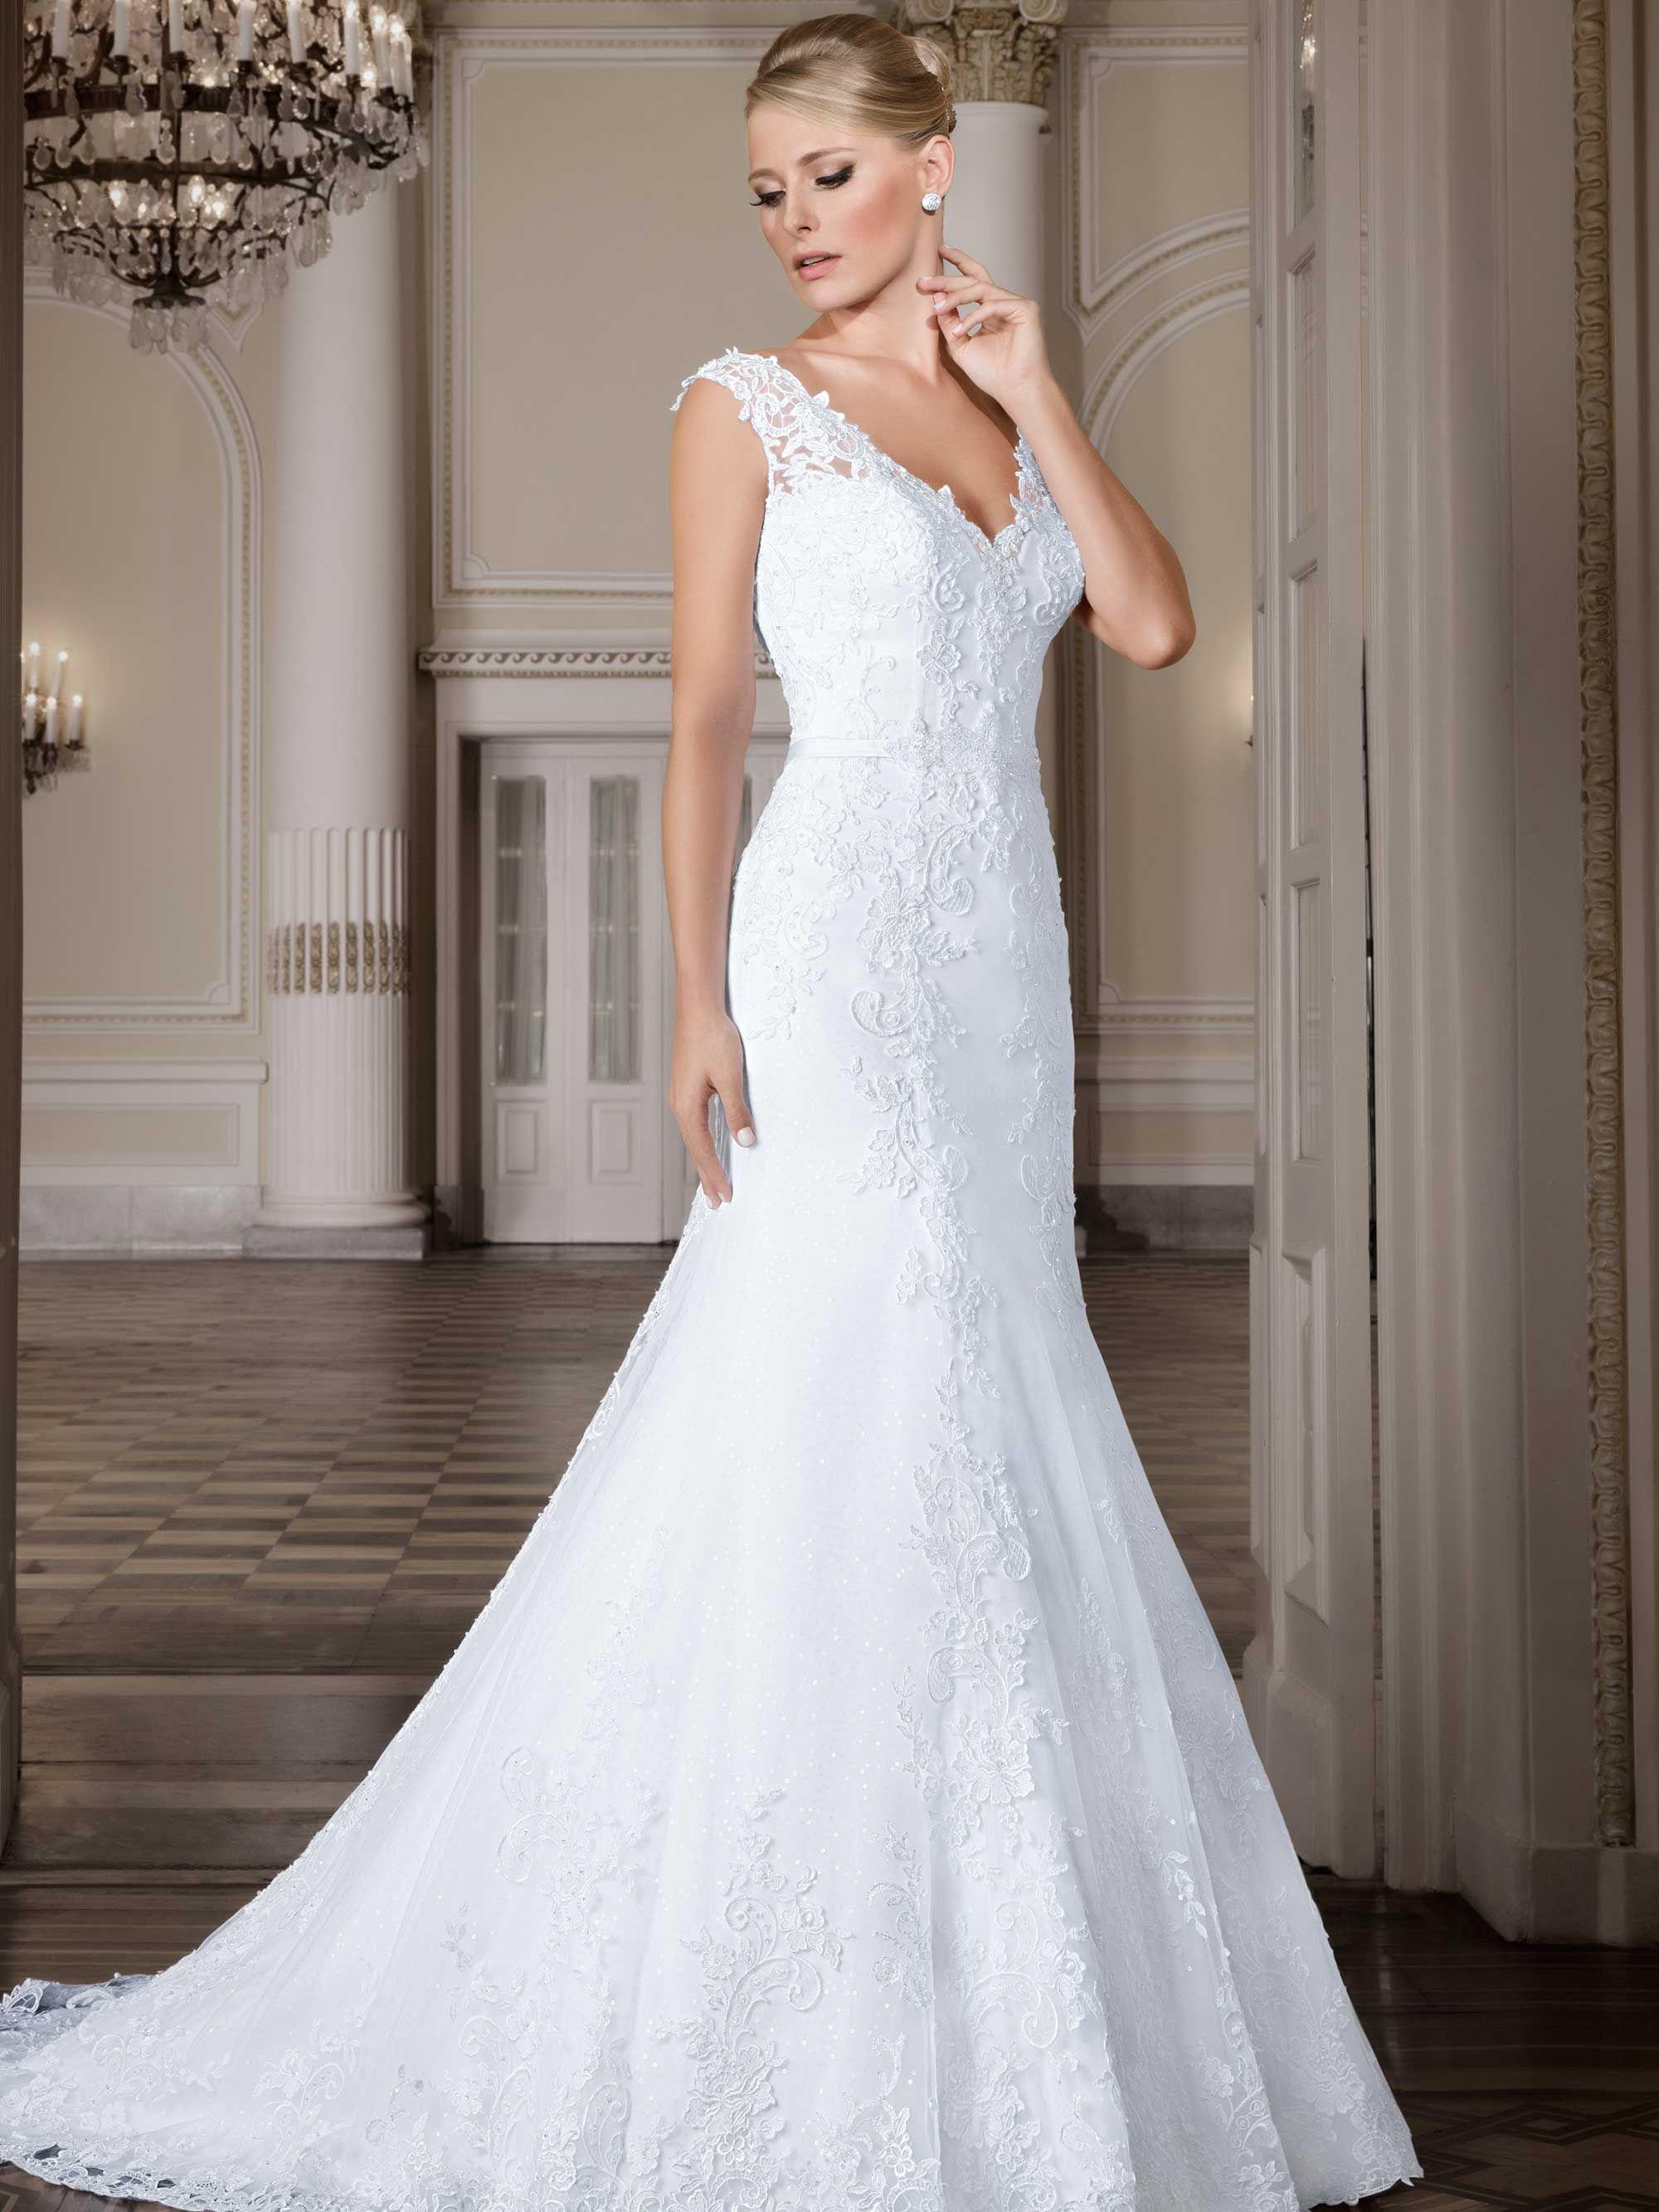 2f17aae7d1 Conheça mais sobre esta coleção de vestidos de noiva - Coleção Callas